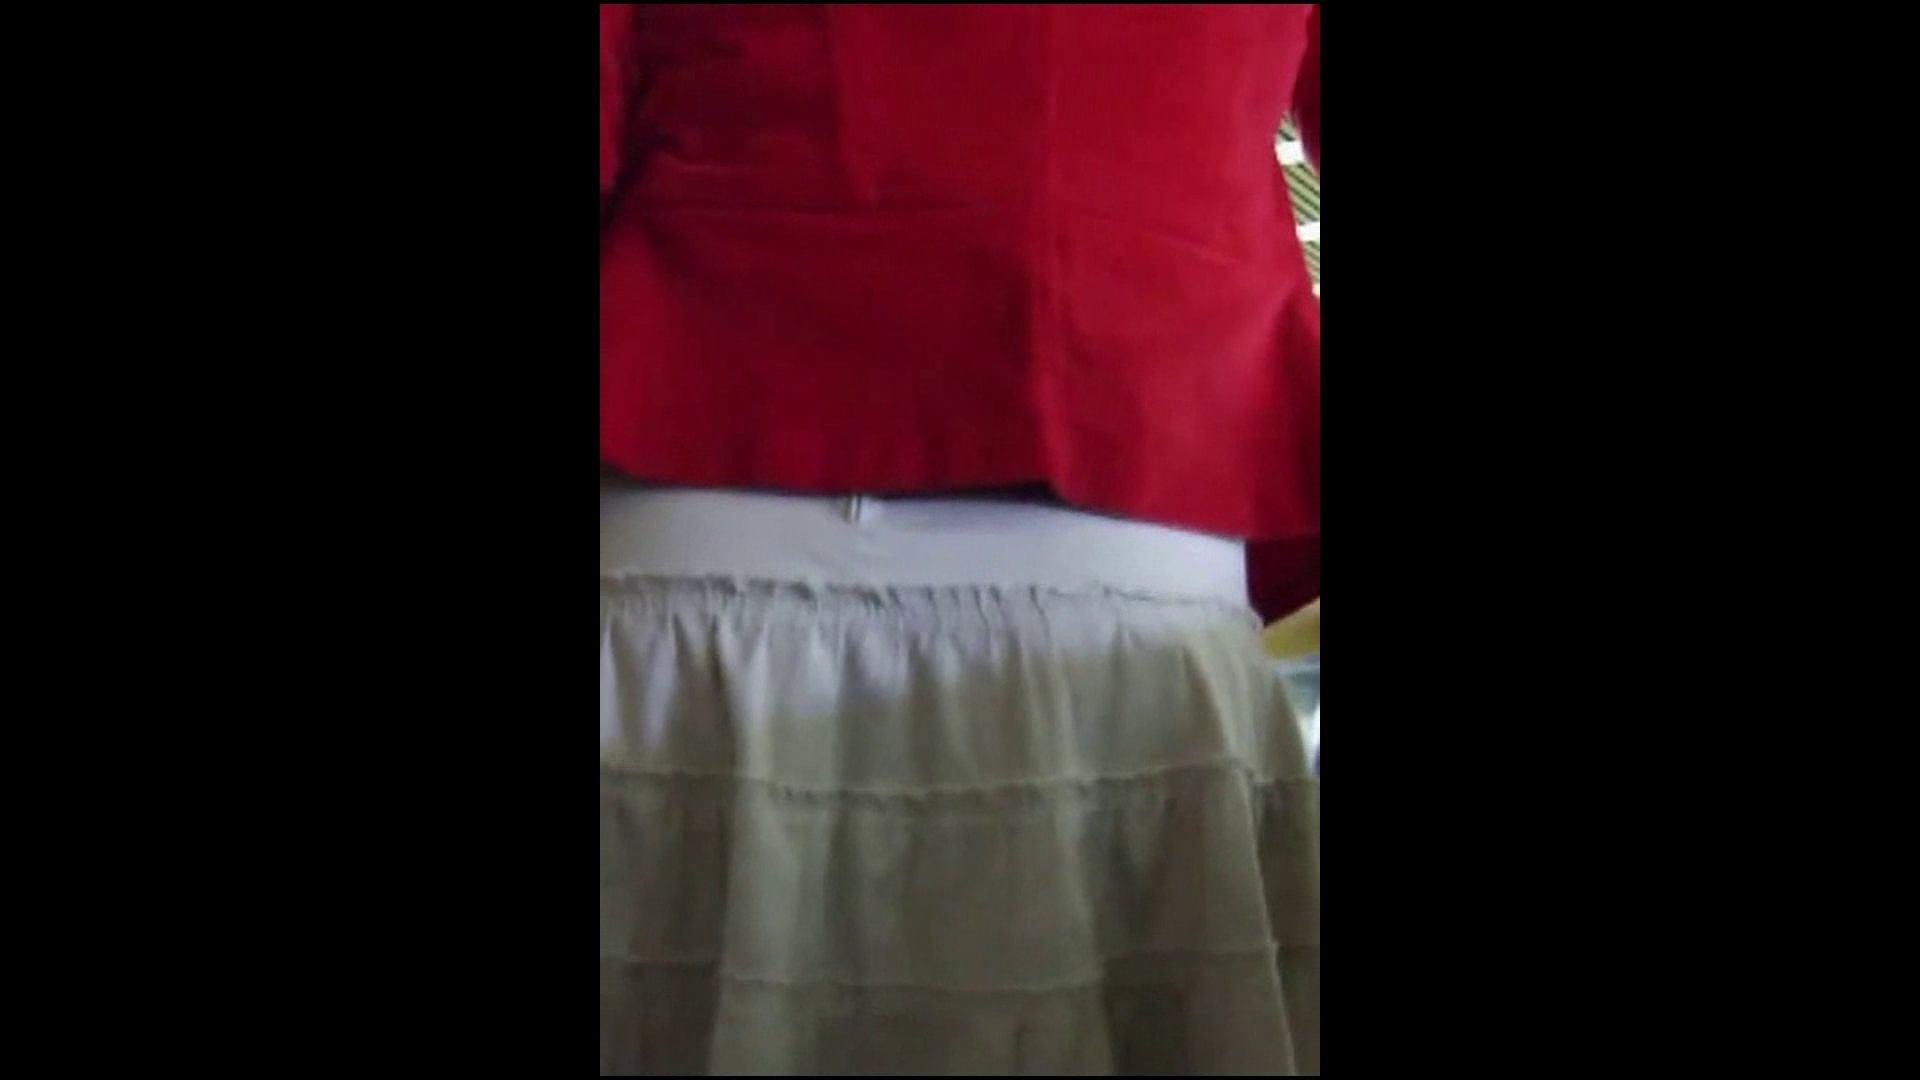 綺麗なモデルさんのスカート捲っちゃおう‼vol01 お姉さん   モデル  95連発 73